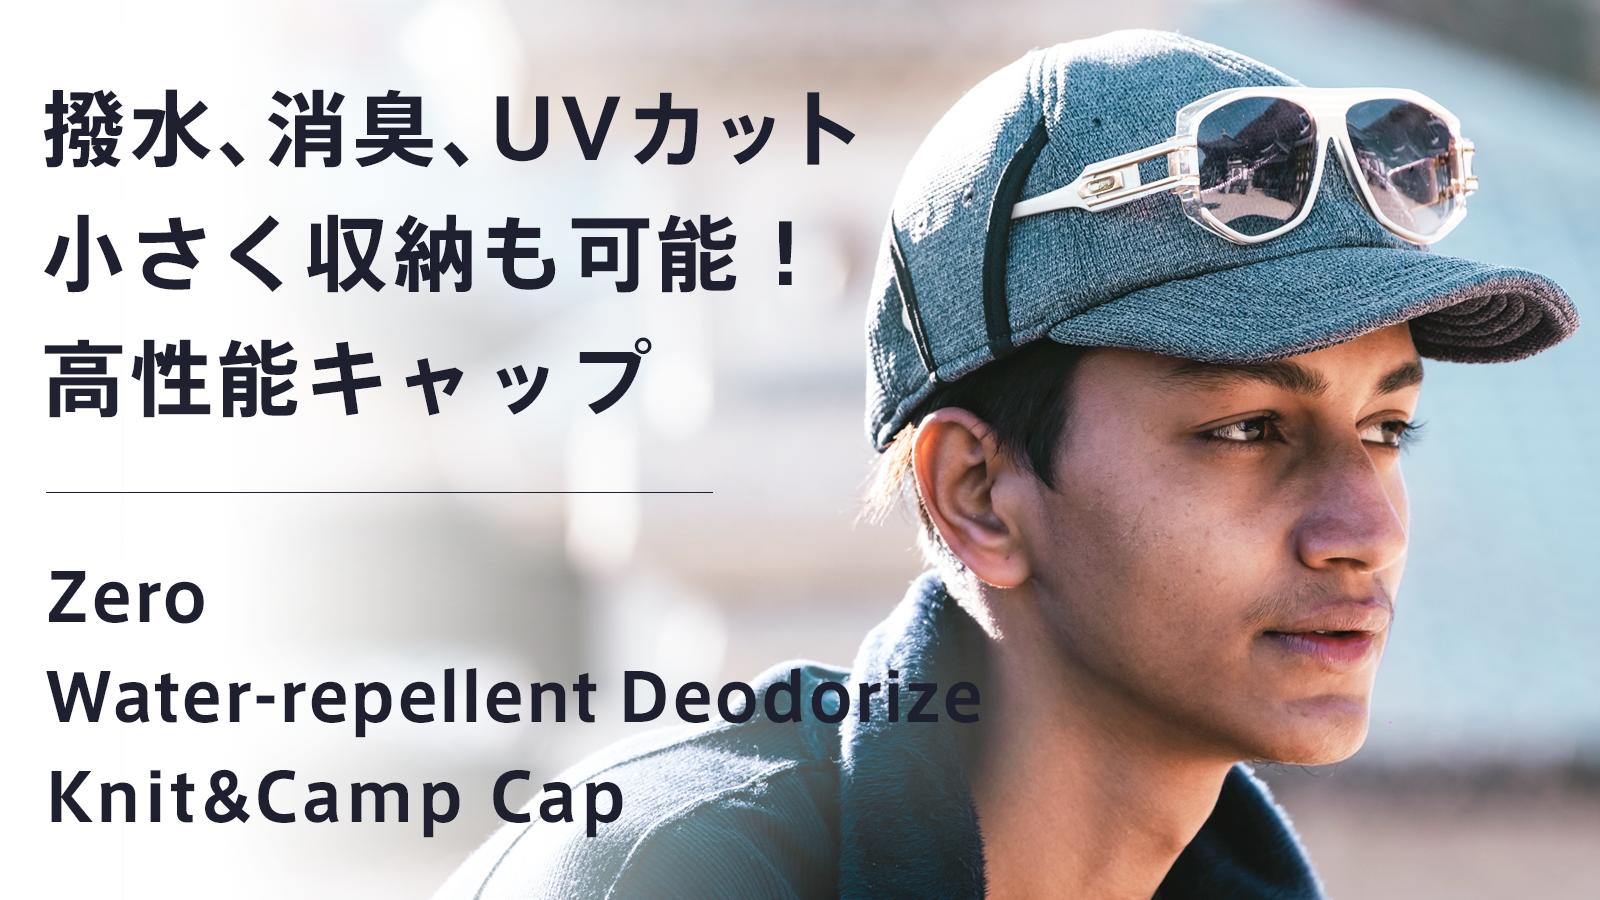 新マクアケプロジェクト【優れた撥水性、消臭性、UVカット!コンパクトに収納可能なニット&キャンプキャップ】